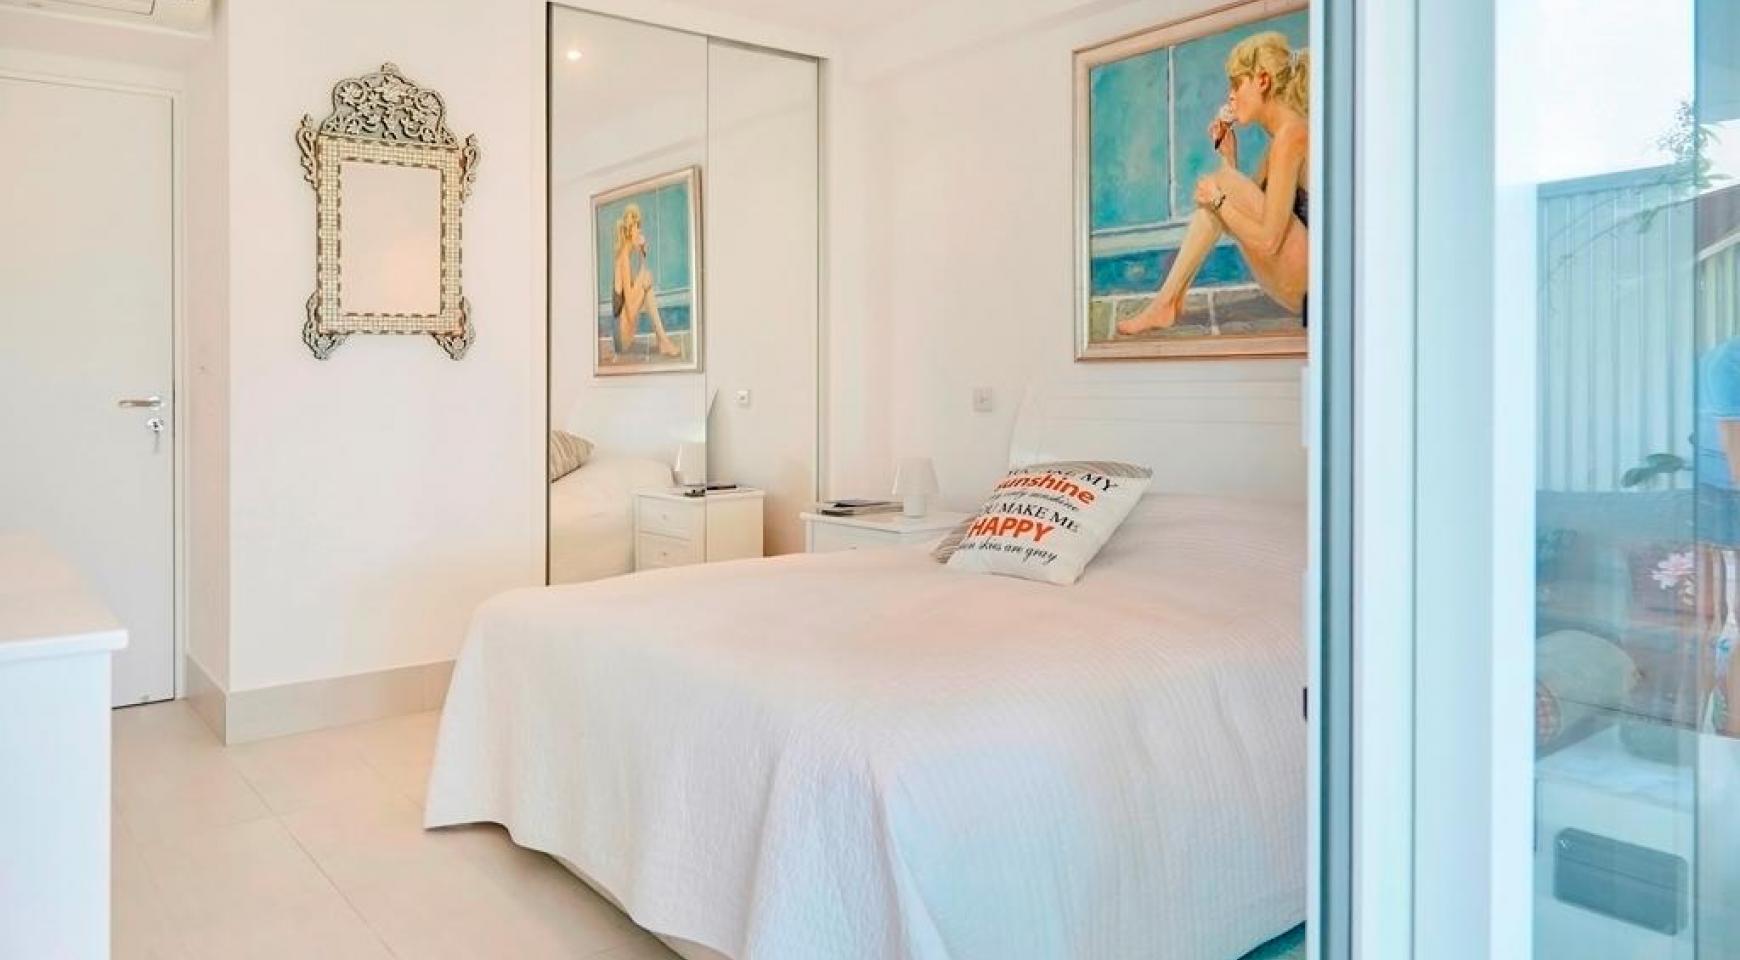 2-Спальная Квартира Категории Люкс Berengaria на Берегу Моря - 16